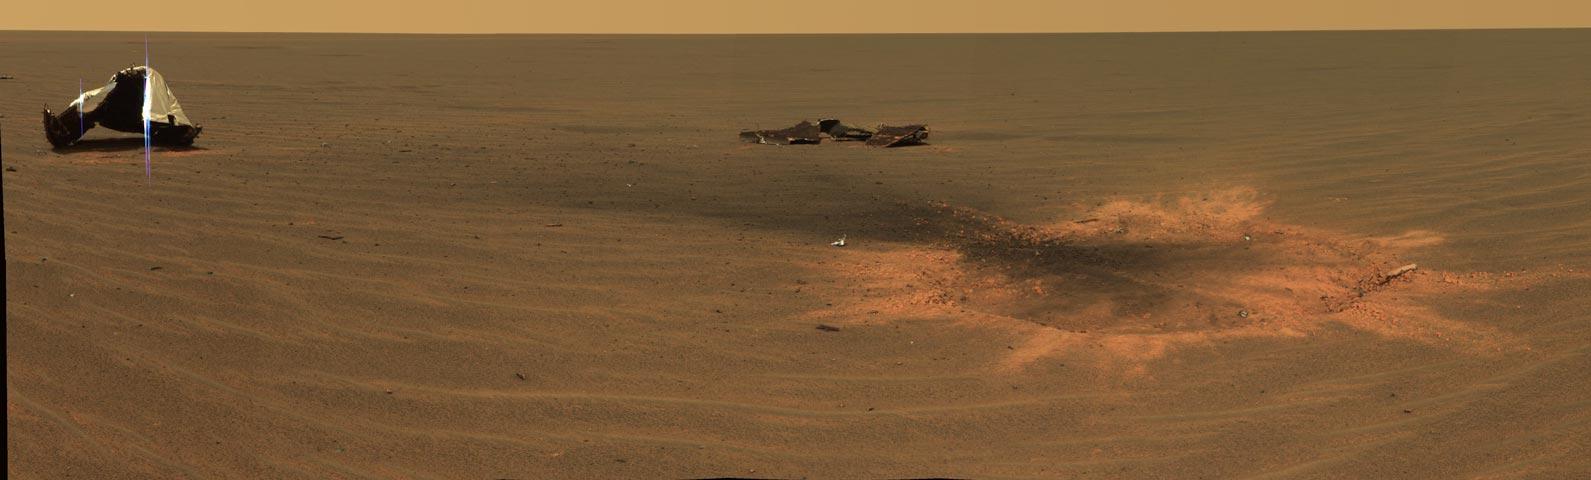 Cráter en Marte debido al impacto del escudo térmico